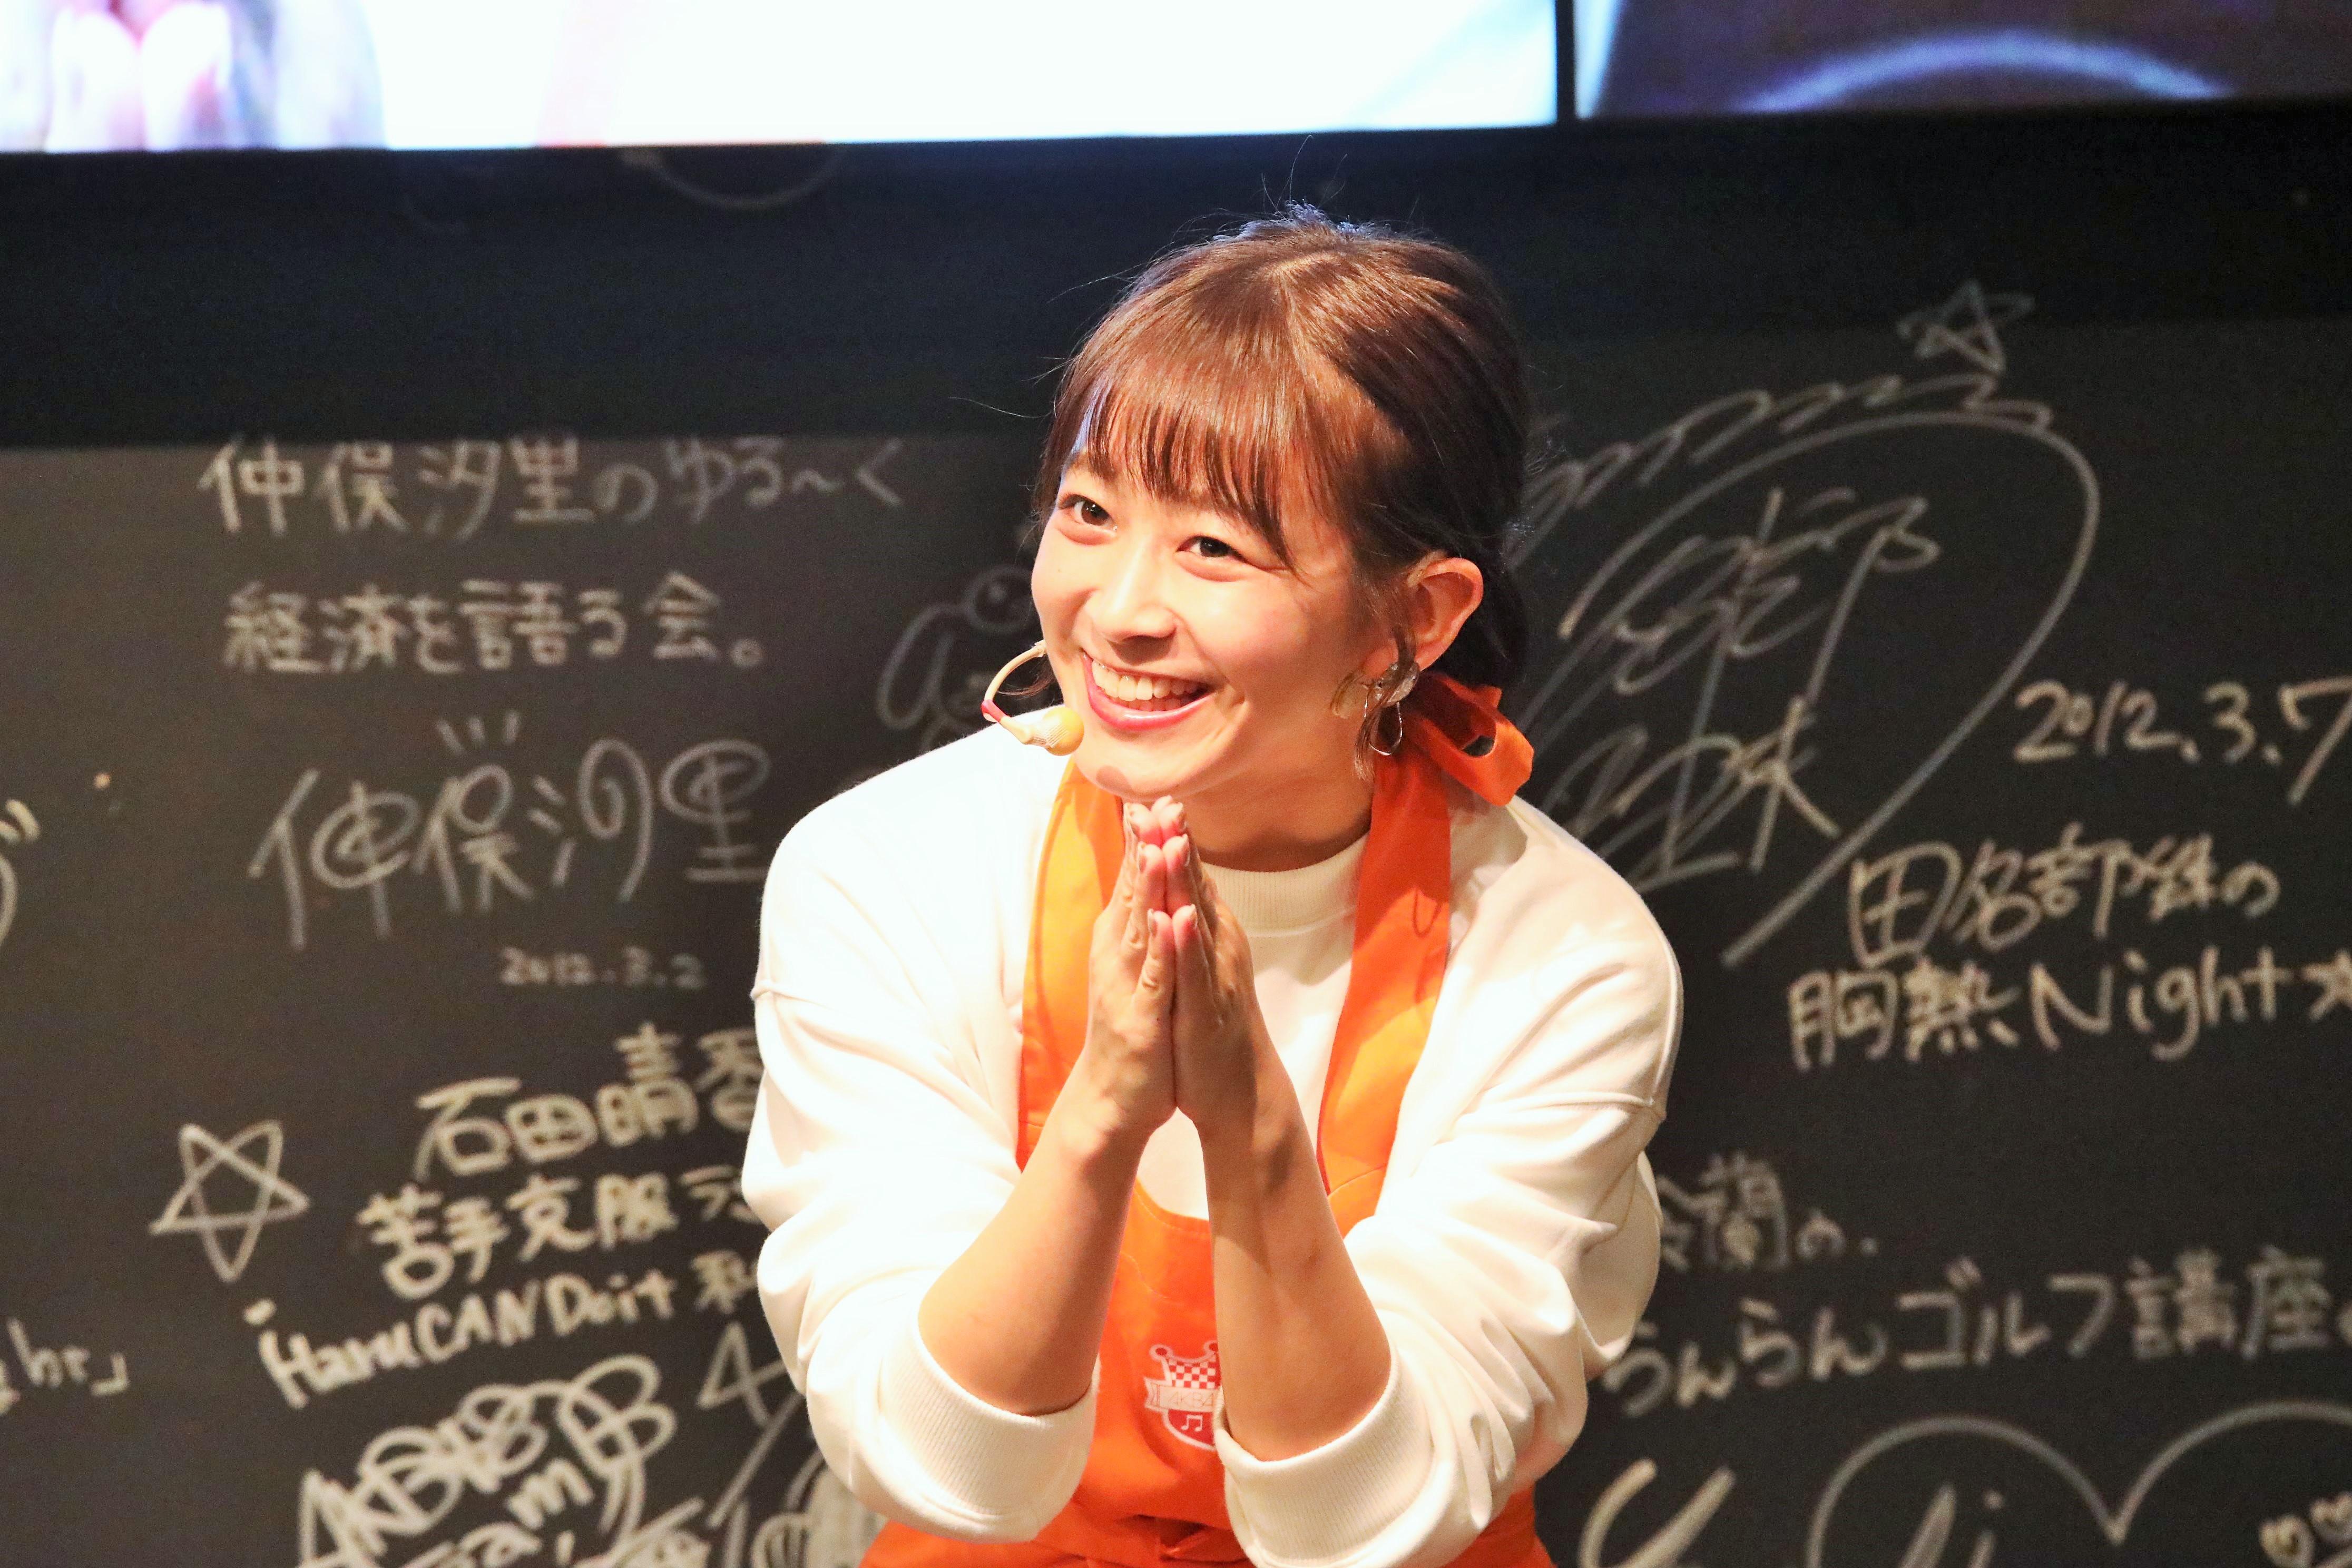 「いただきます!」の挨拶をする太田奈緒